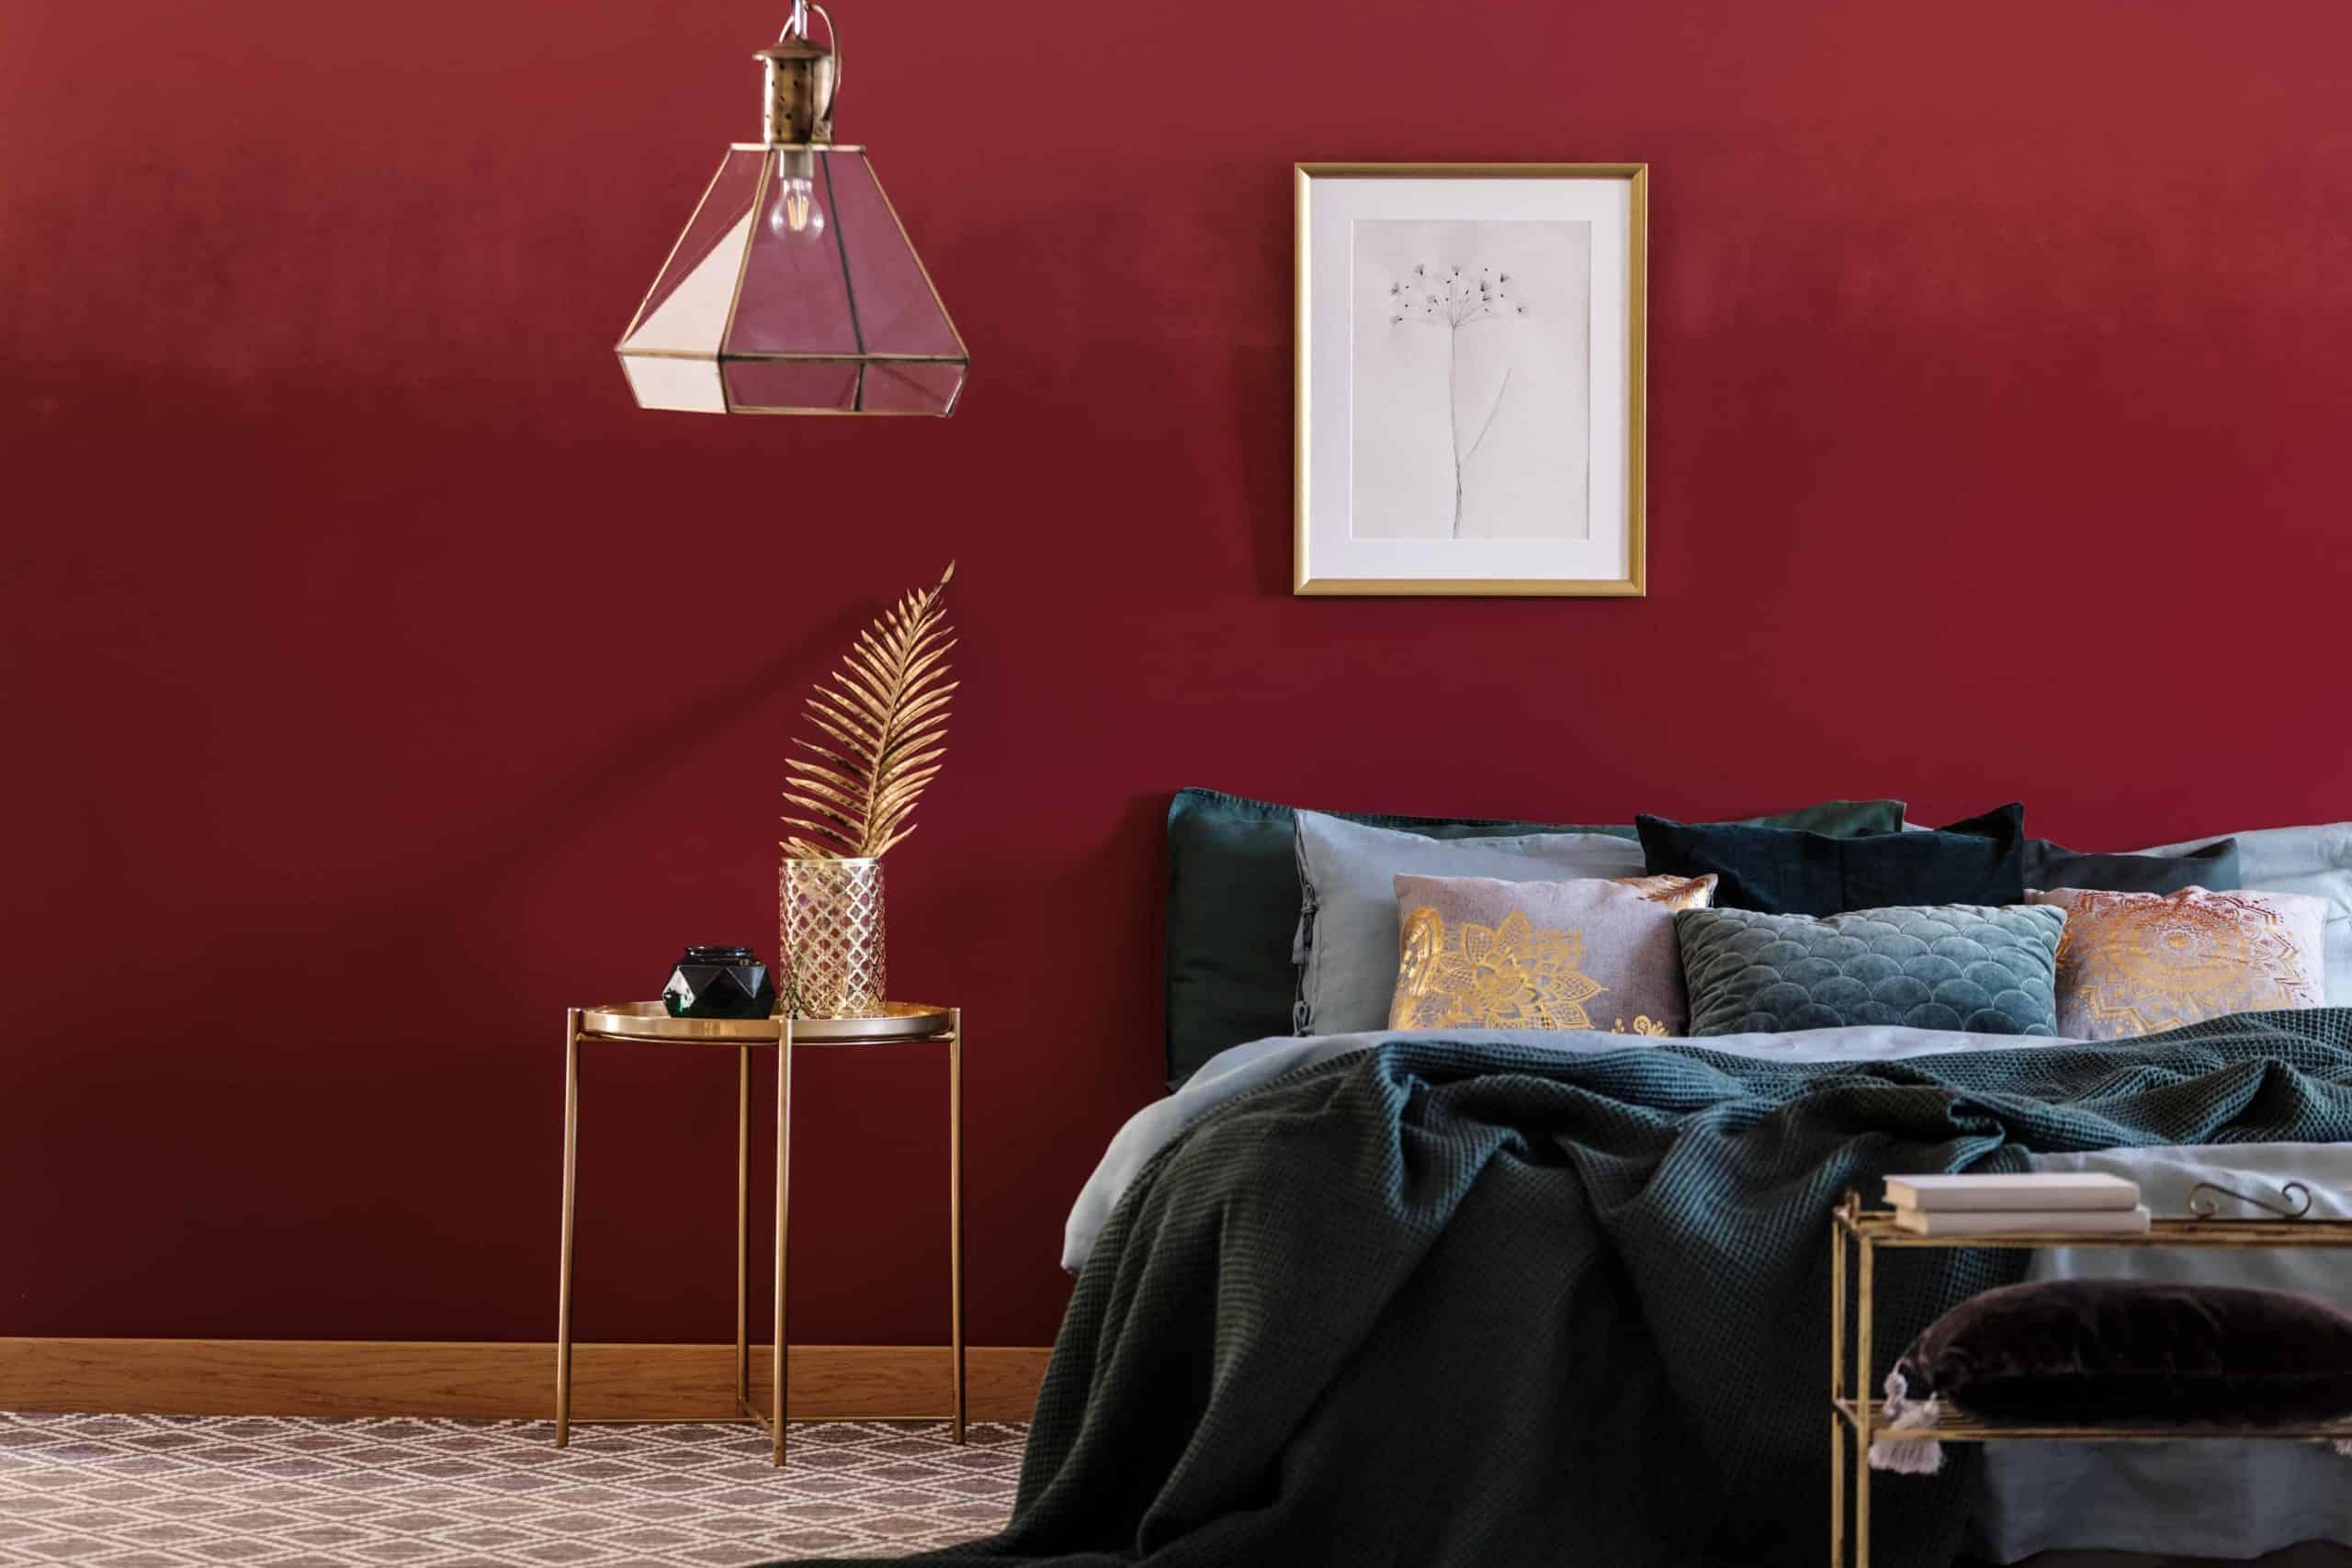 Ein dunkles Bett vor einer Wand in der Trendfarbe bordeaux.